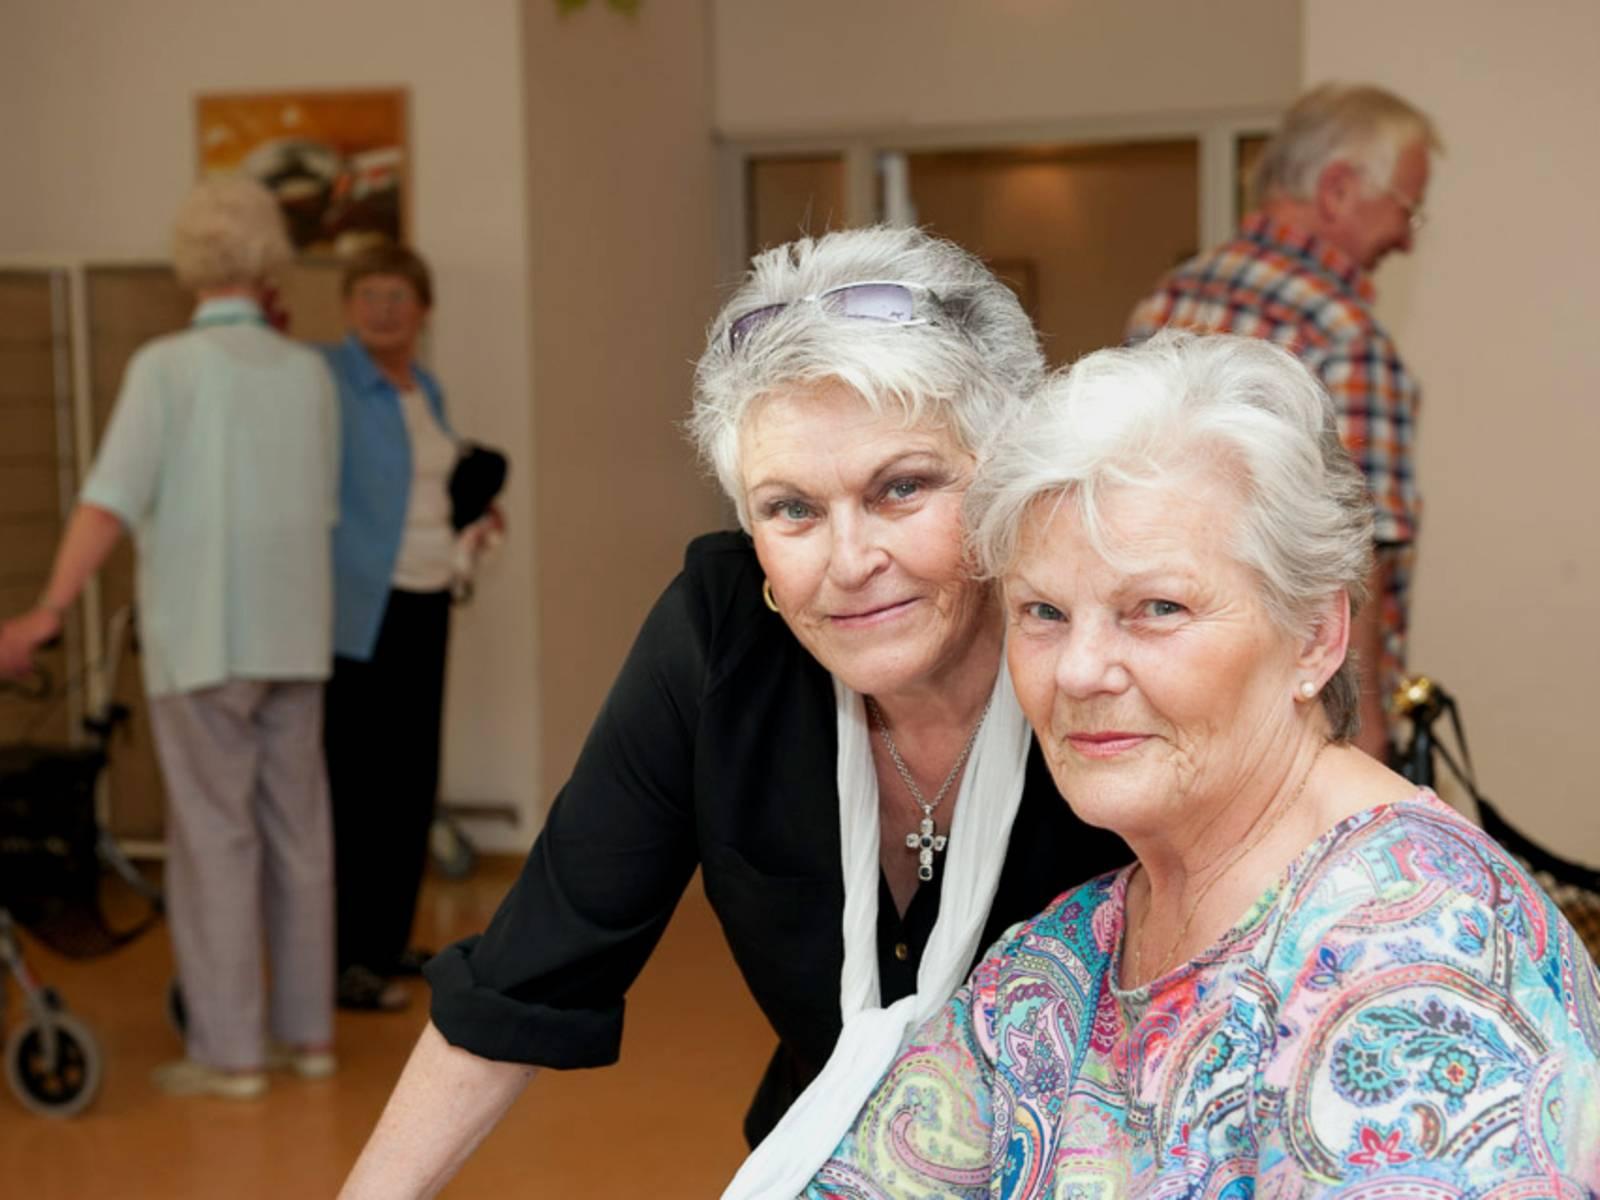 Zwei ältere Frauen halten ihre Köpfe nebeneinander und blicken in die Kamera.